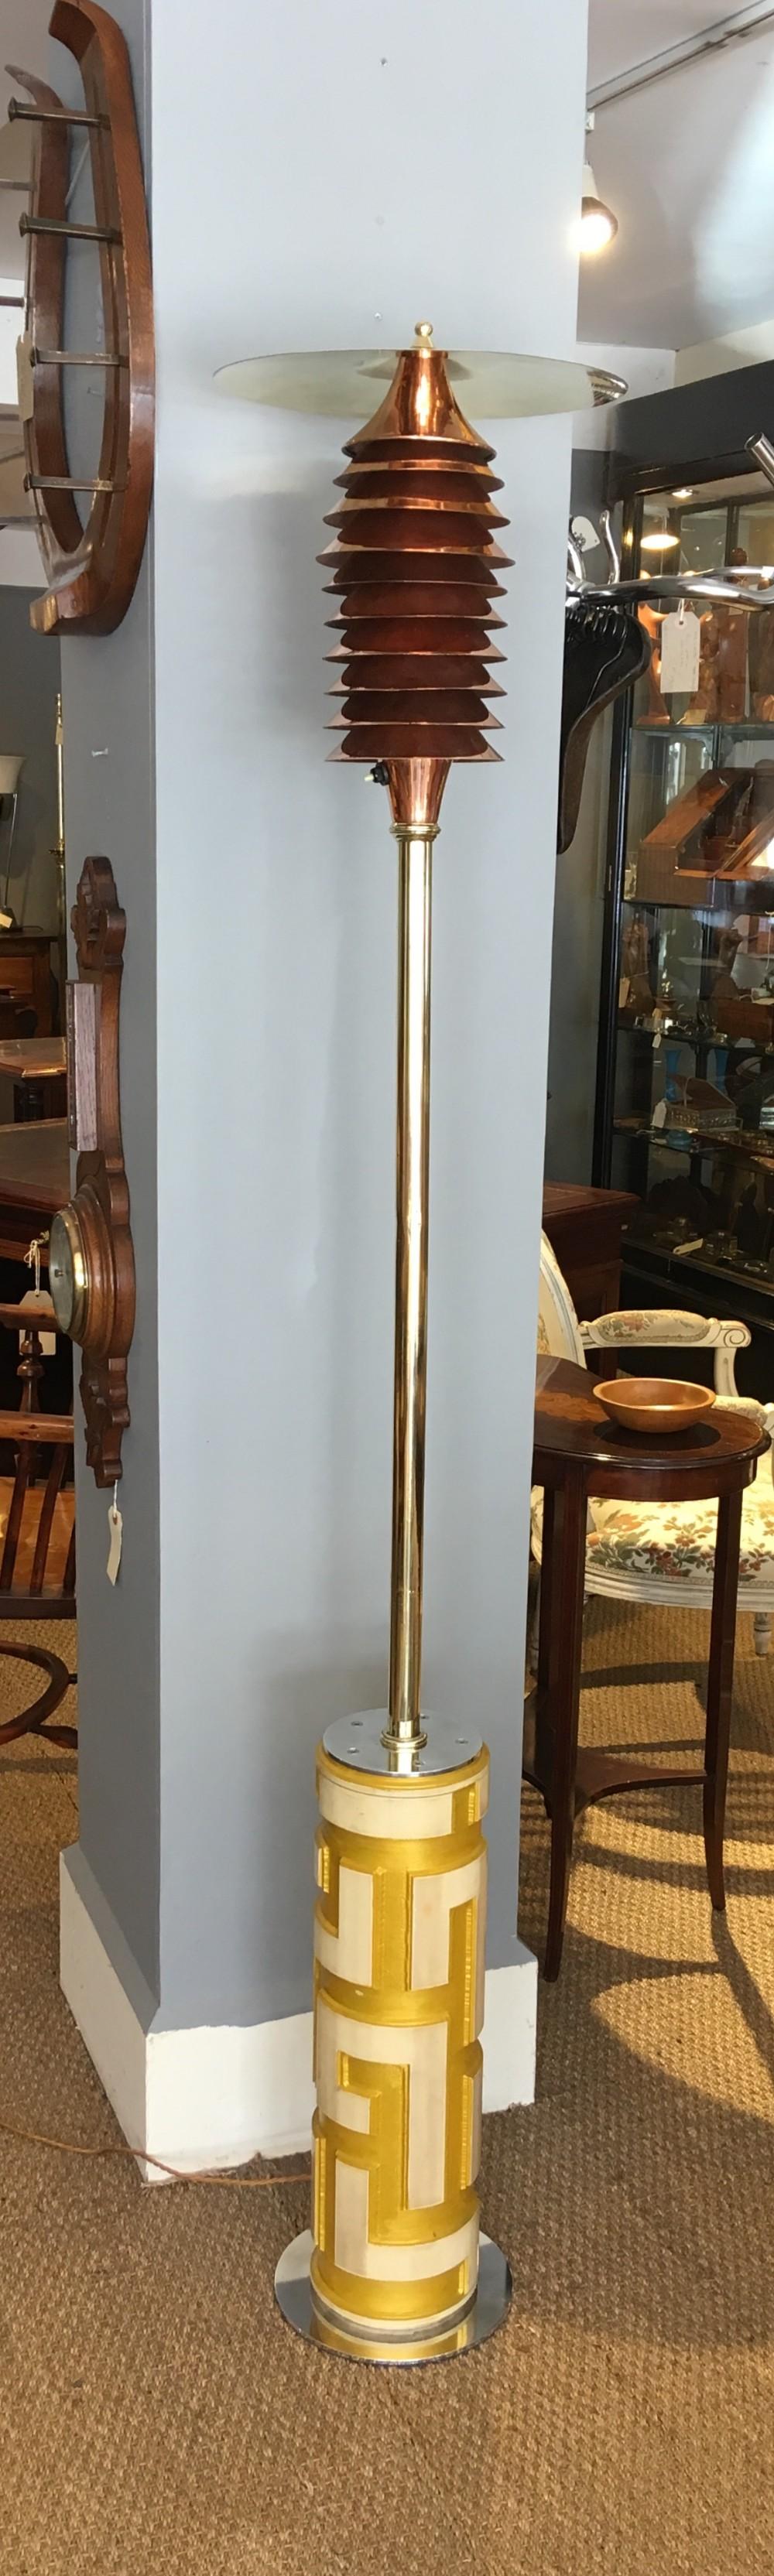 unique floor standing lamp